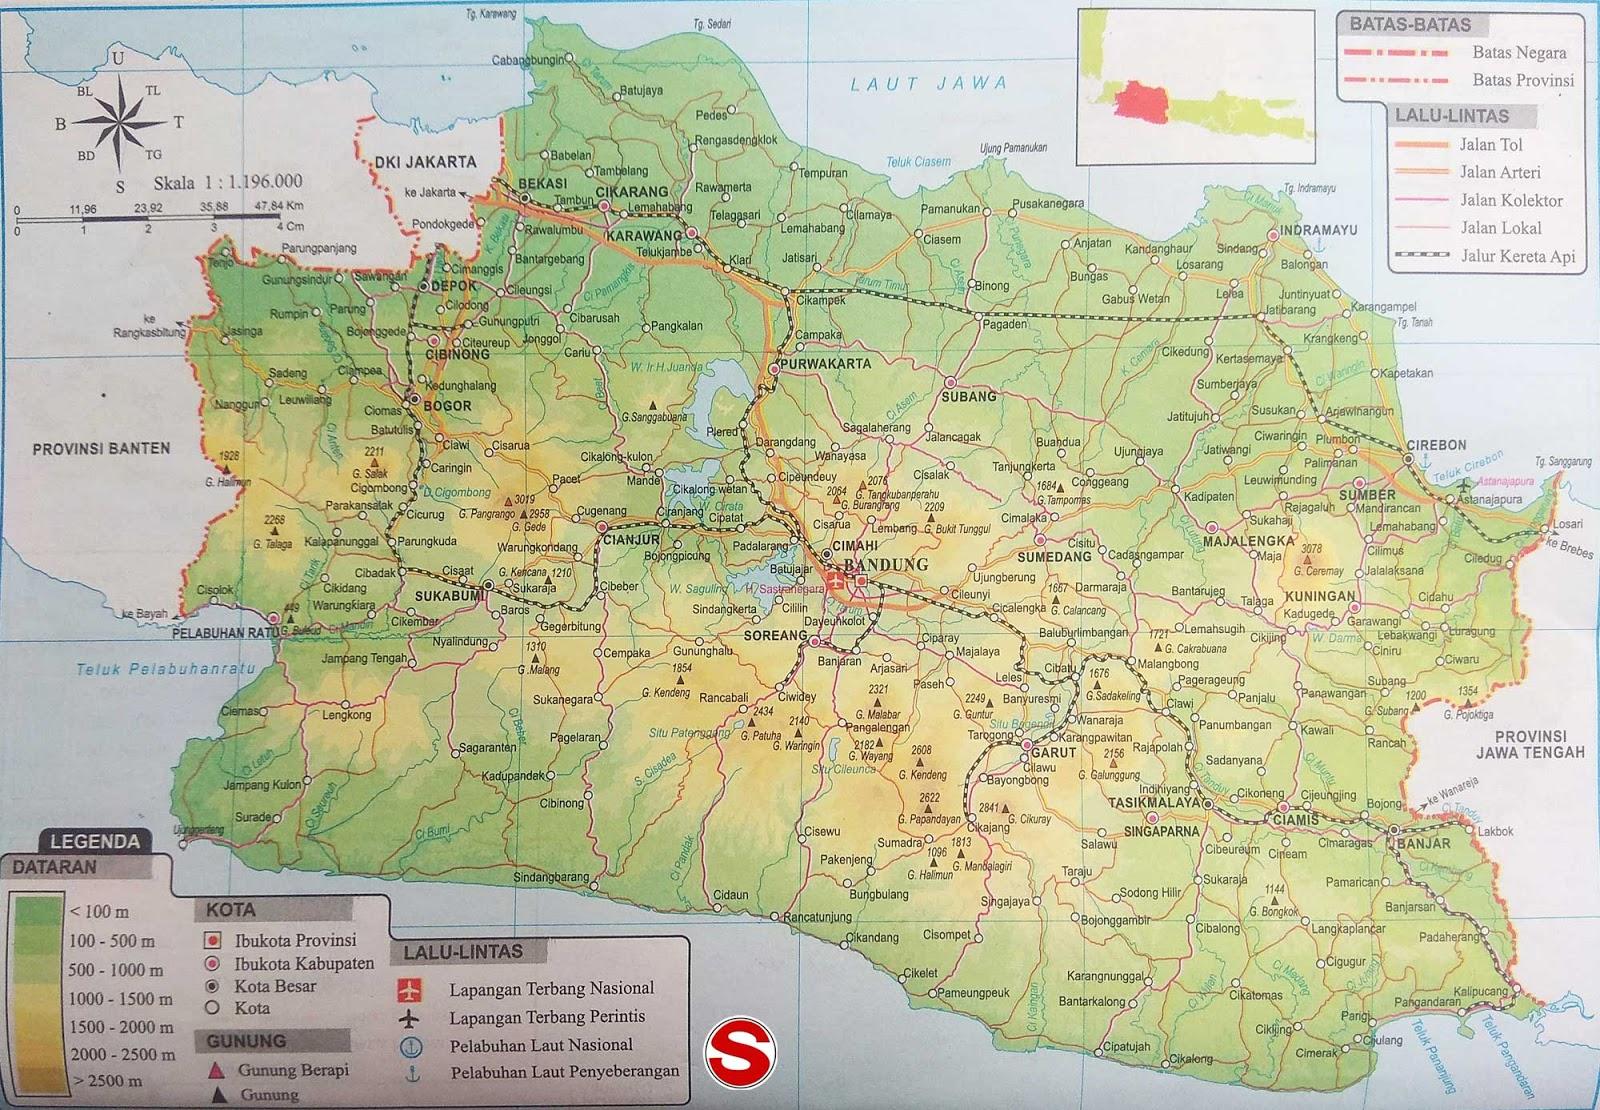 Peta Atlas Provinsi Jawa Barat di bawah ini mencakup peta dataran Peta Atlas Provinsi Jawa Barat